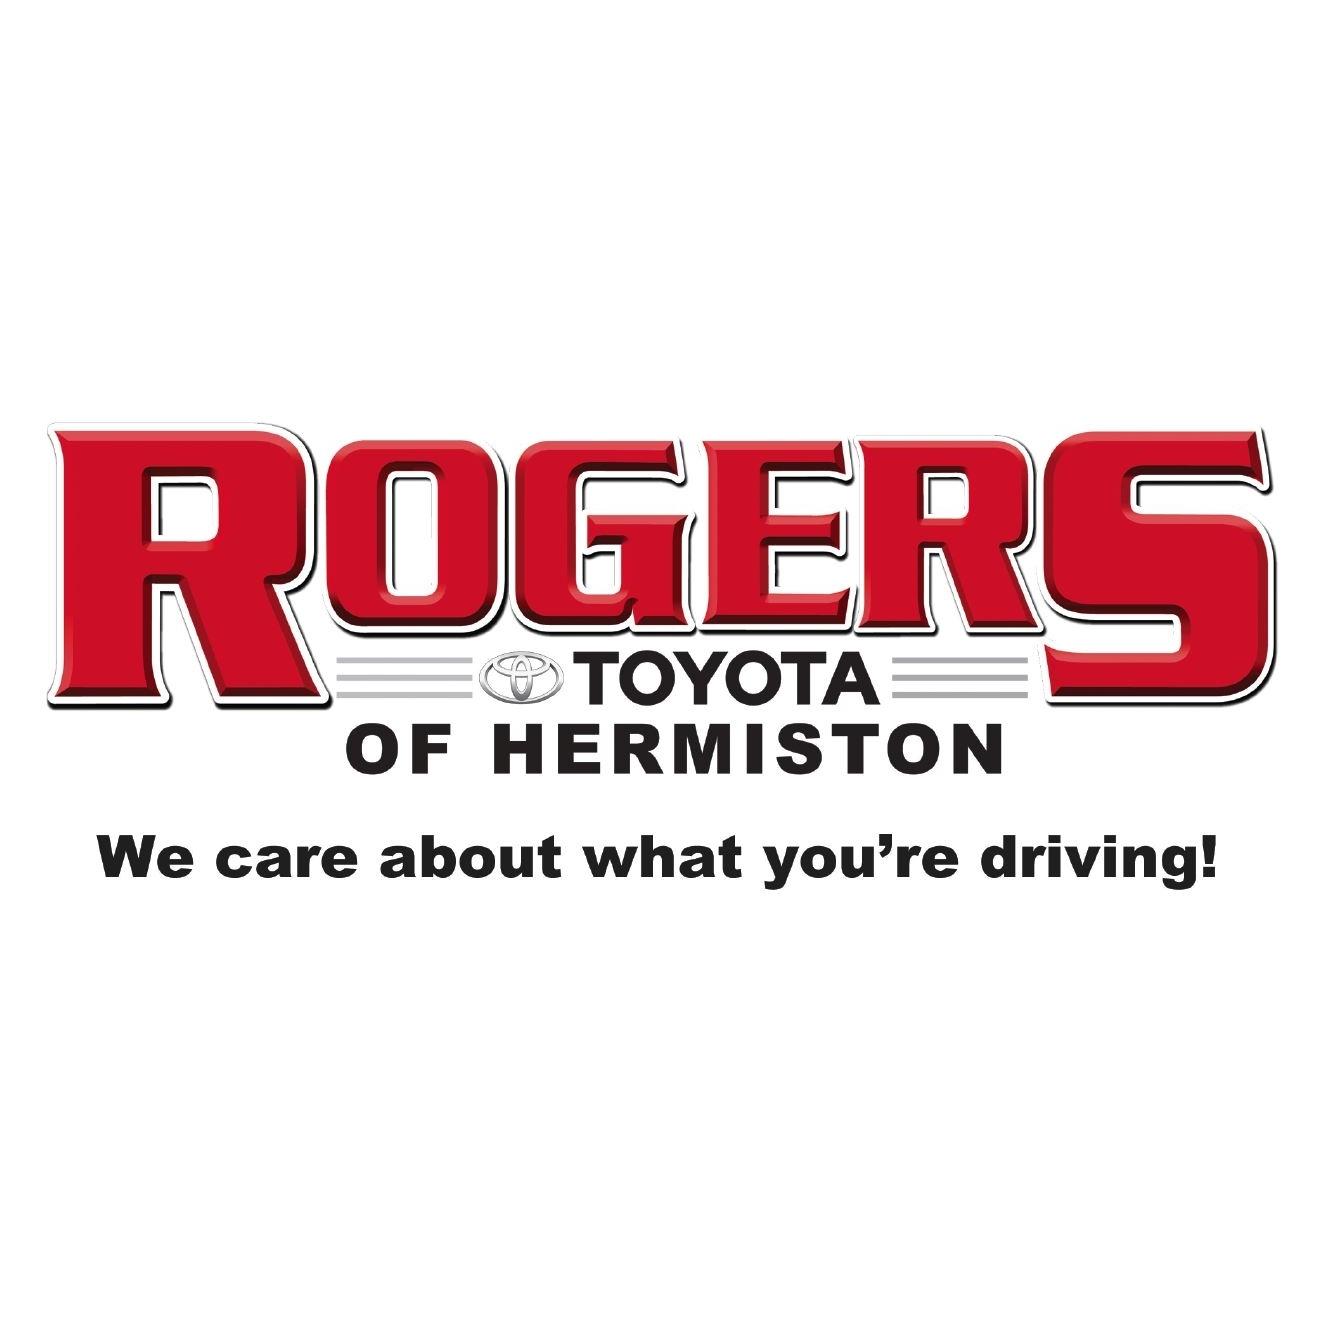 Rogers Toyota of Hermiston